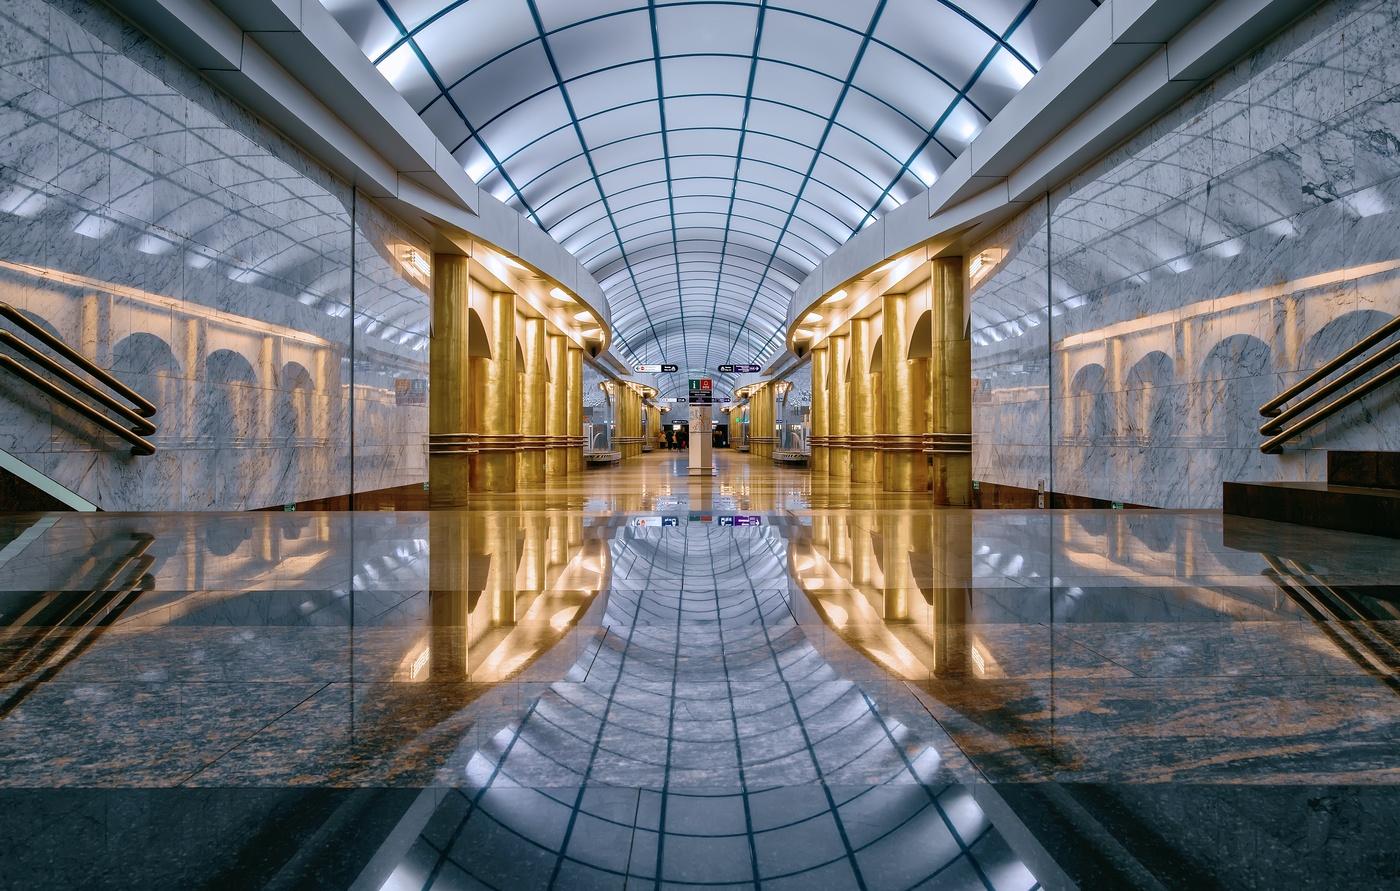 санкт петербург метро московское фото многие стилисты предпочитают